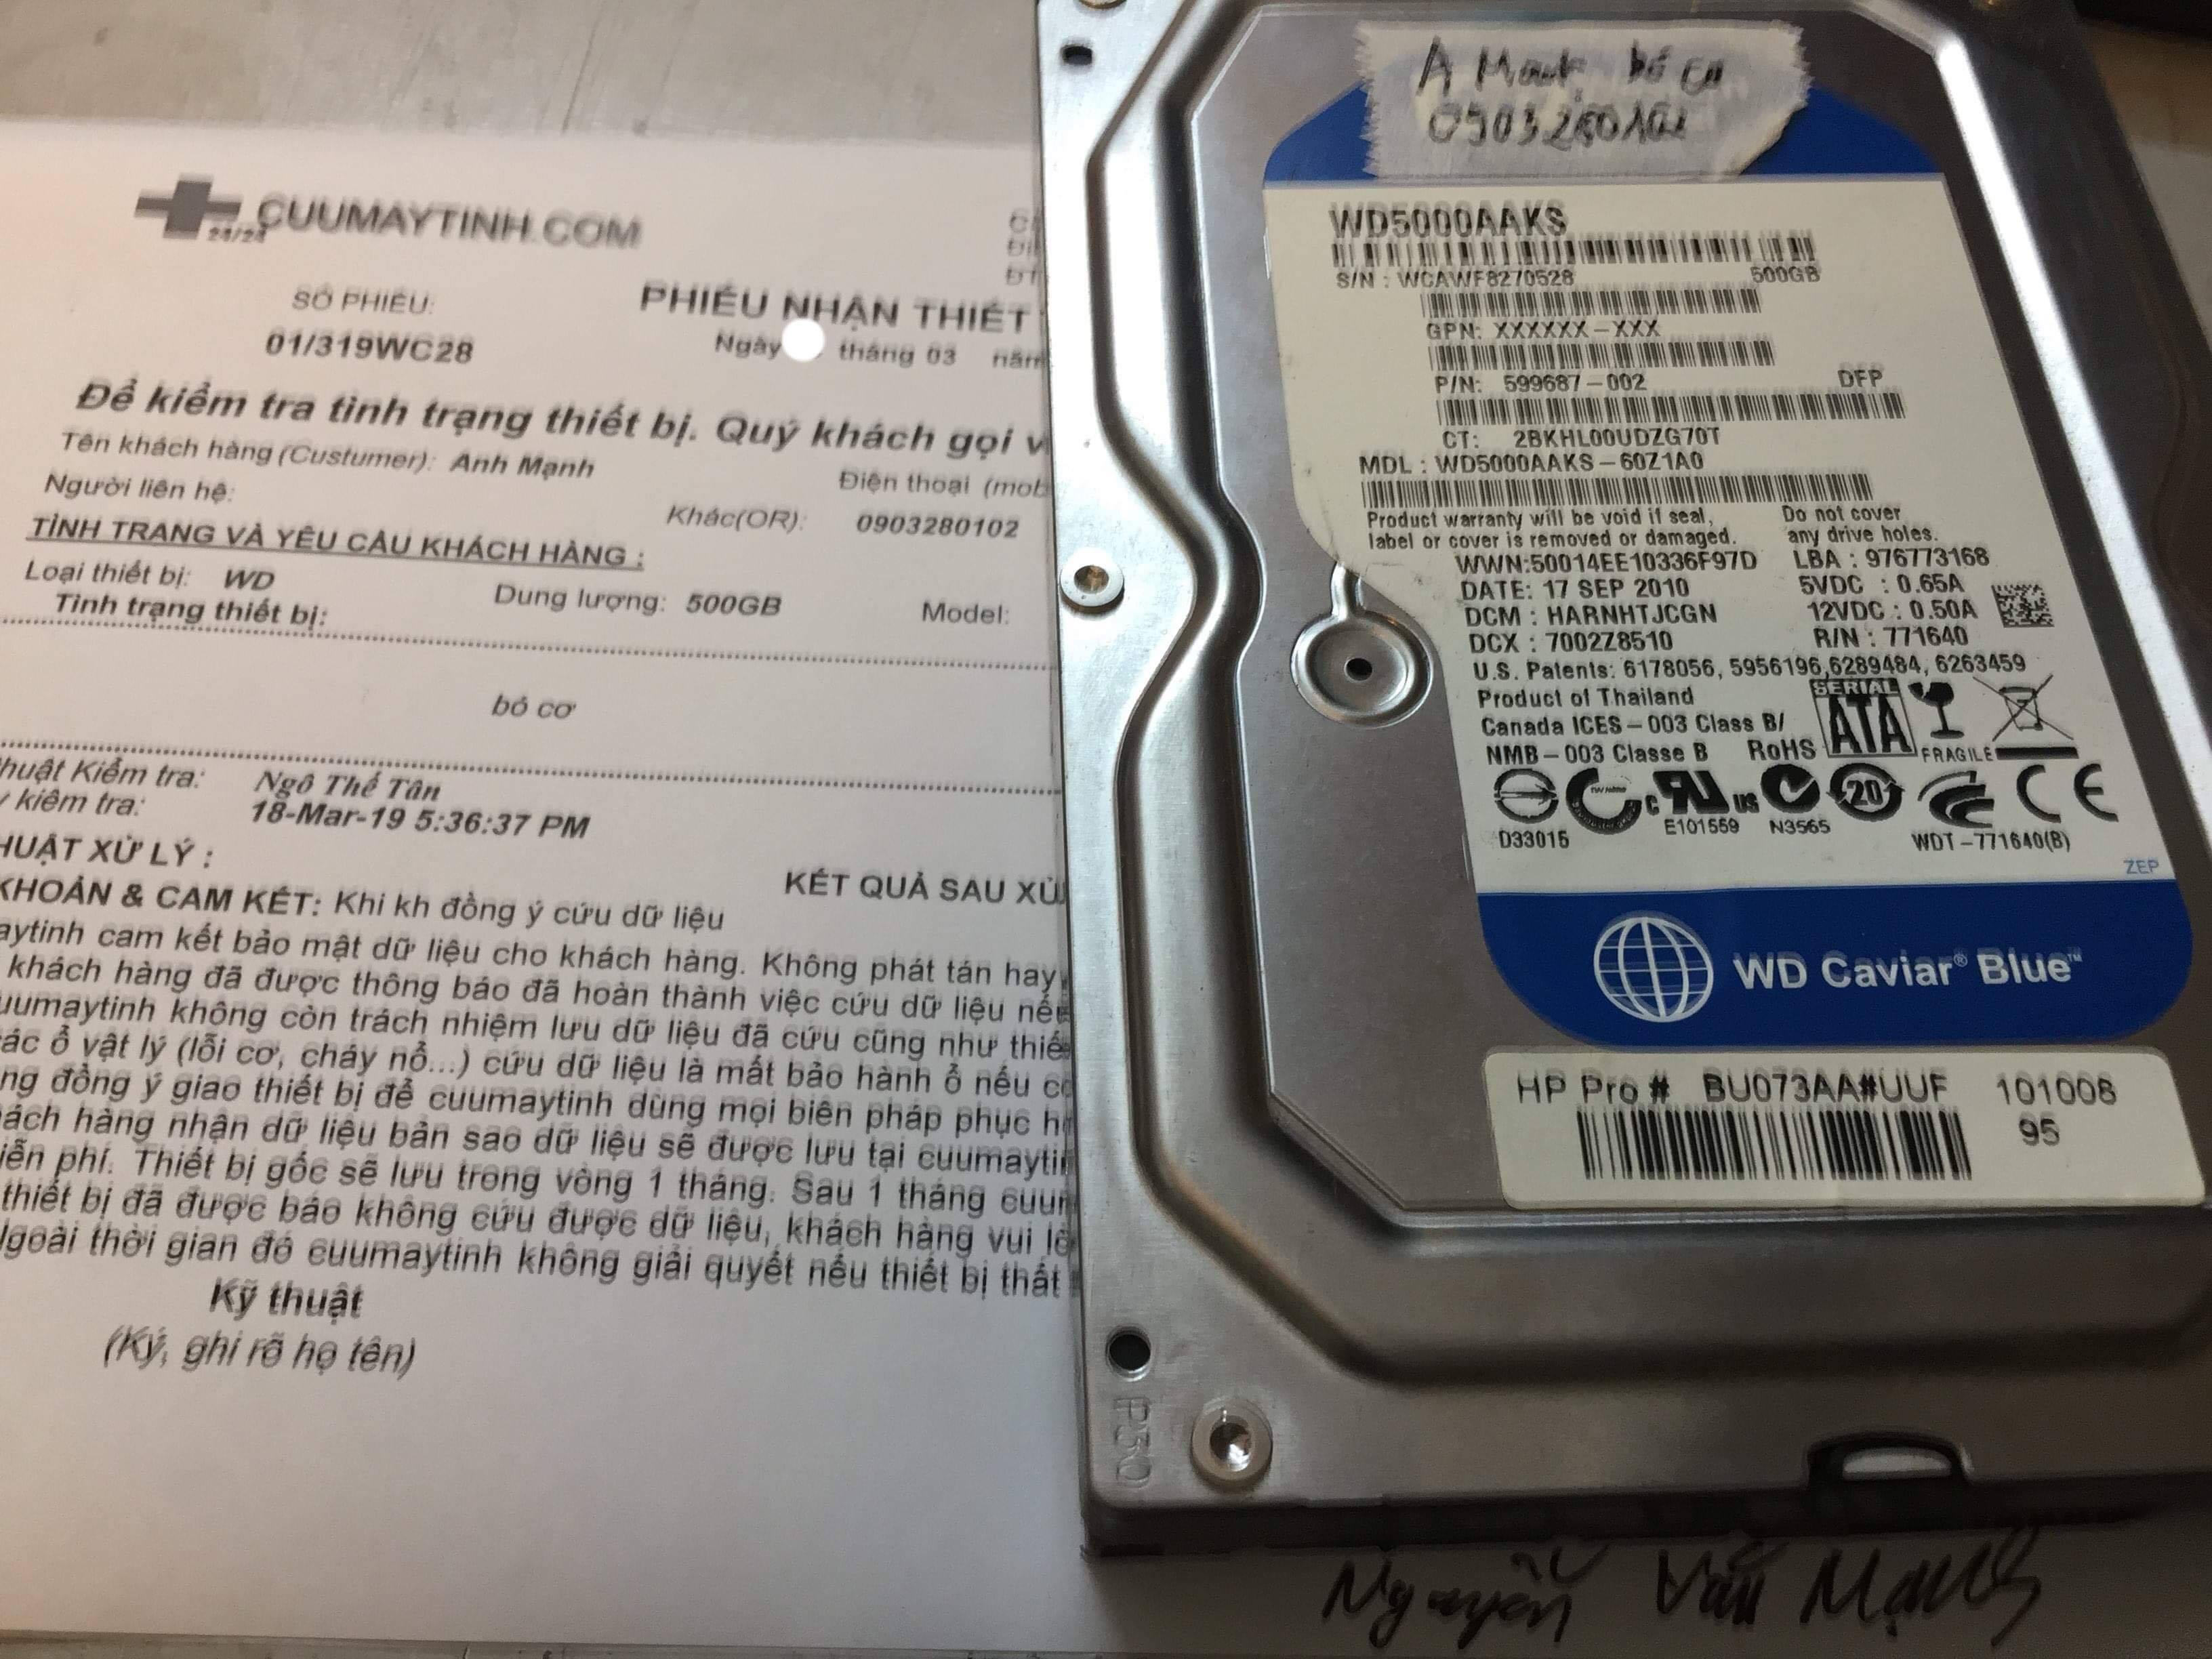 Khôi phục dữ liệu ổ cứng Western 500GB bó cơ 21/03/2019 - cuumaytinh